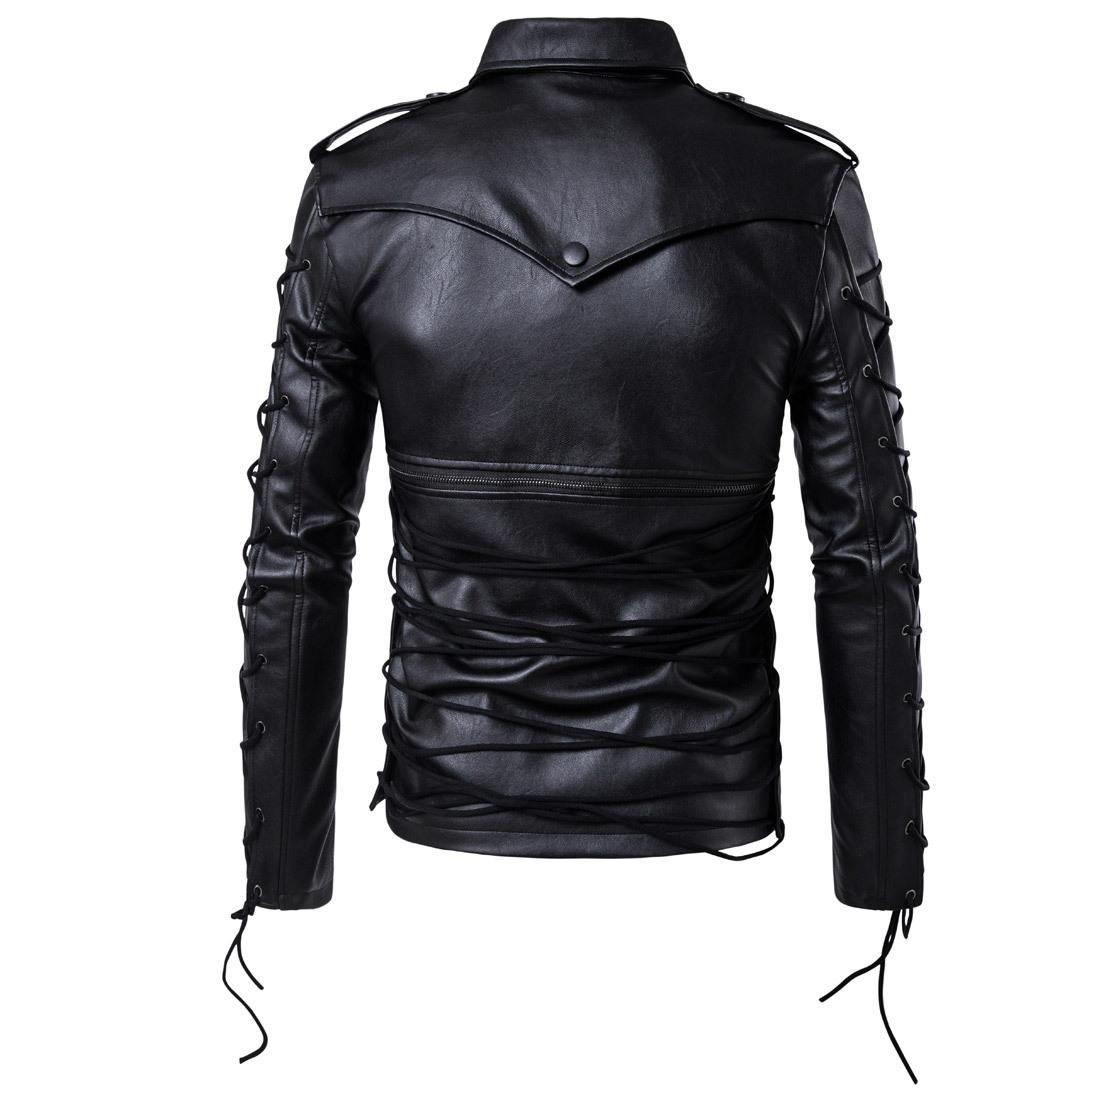 Ouma 2018 nuevos hombres del estilo de moda Locomotora capa de cuero decadente chaqueta de cuero de la capa de piel de gran tamaño M-5XL B002